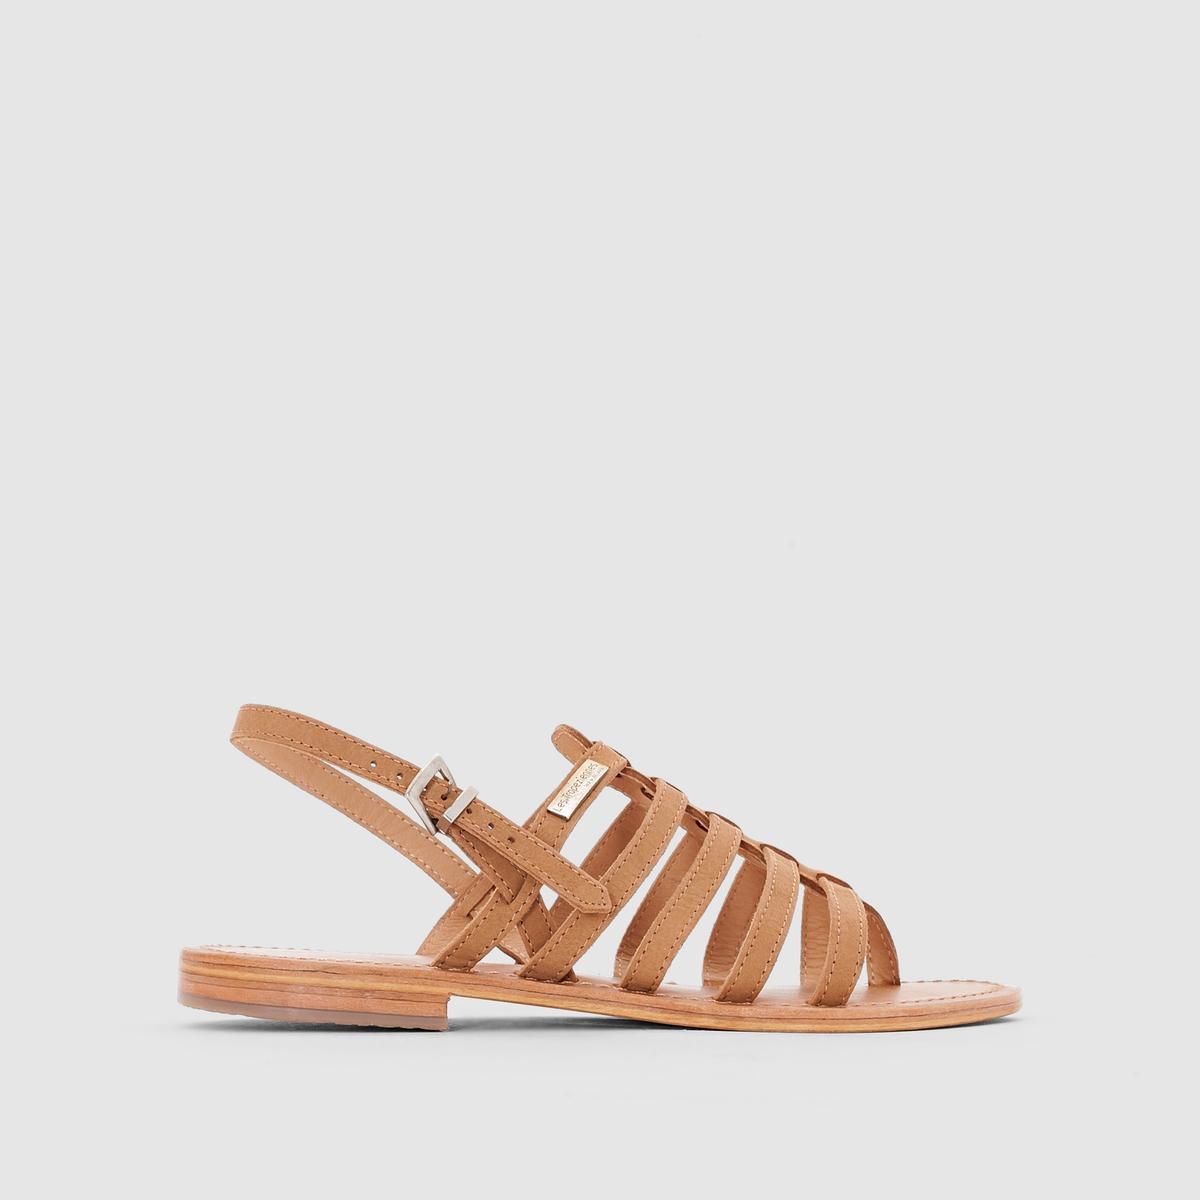 Босоножки кожаные на плоском каблуке Hook босоножки кожаные с бусинами на плоском каблуке